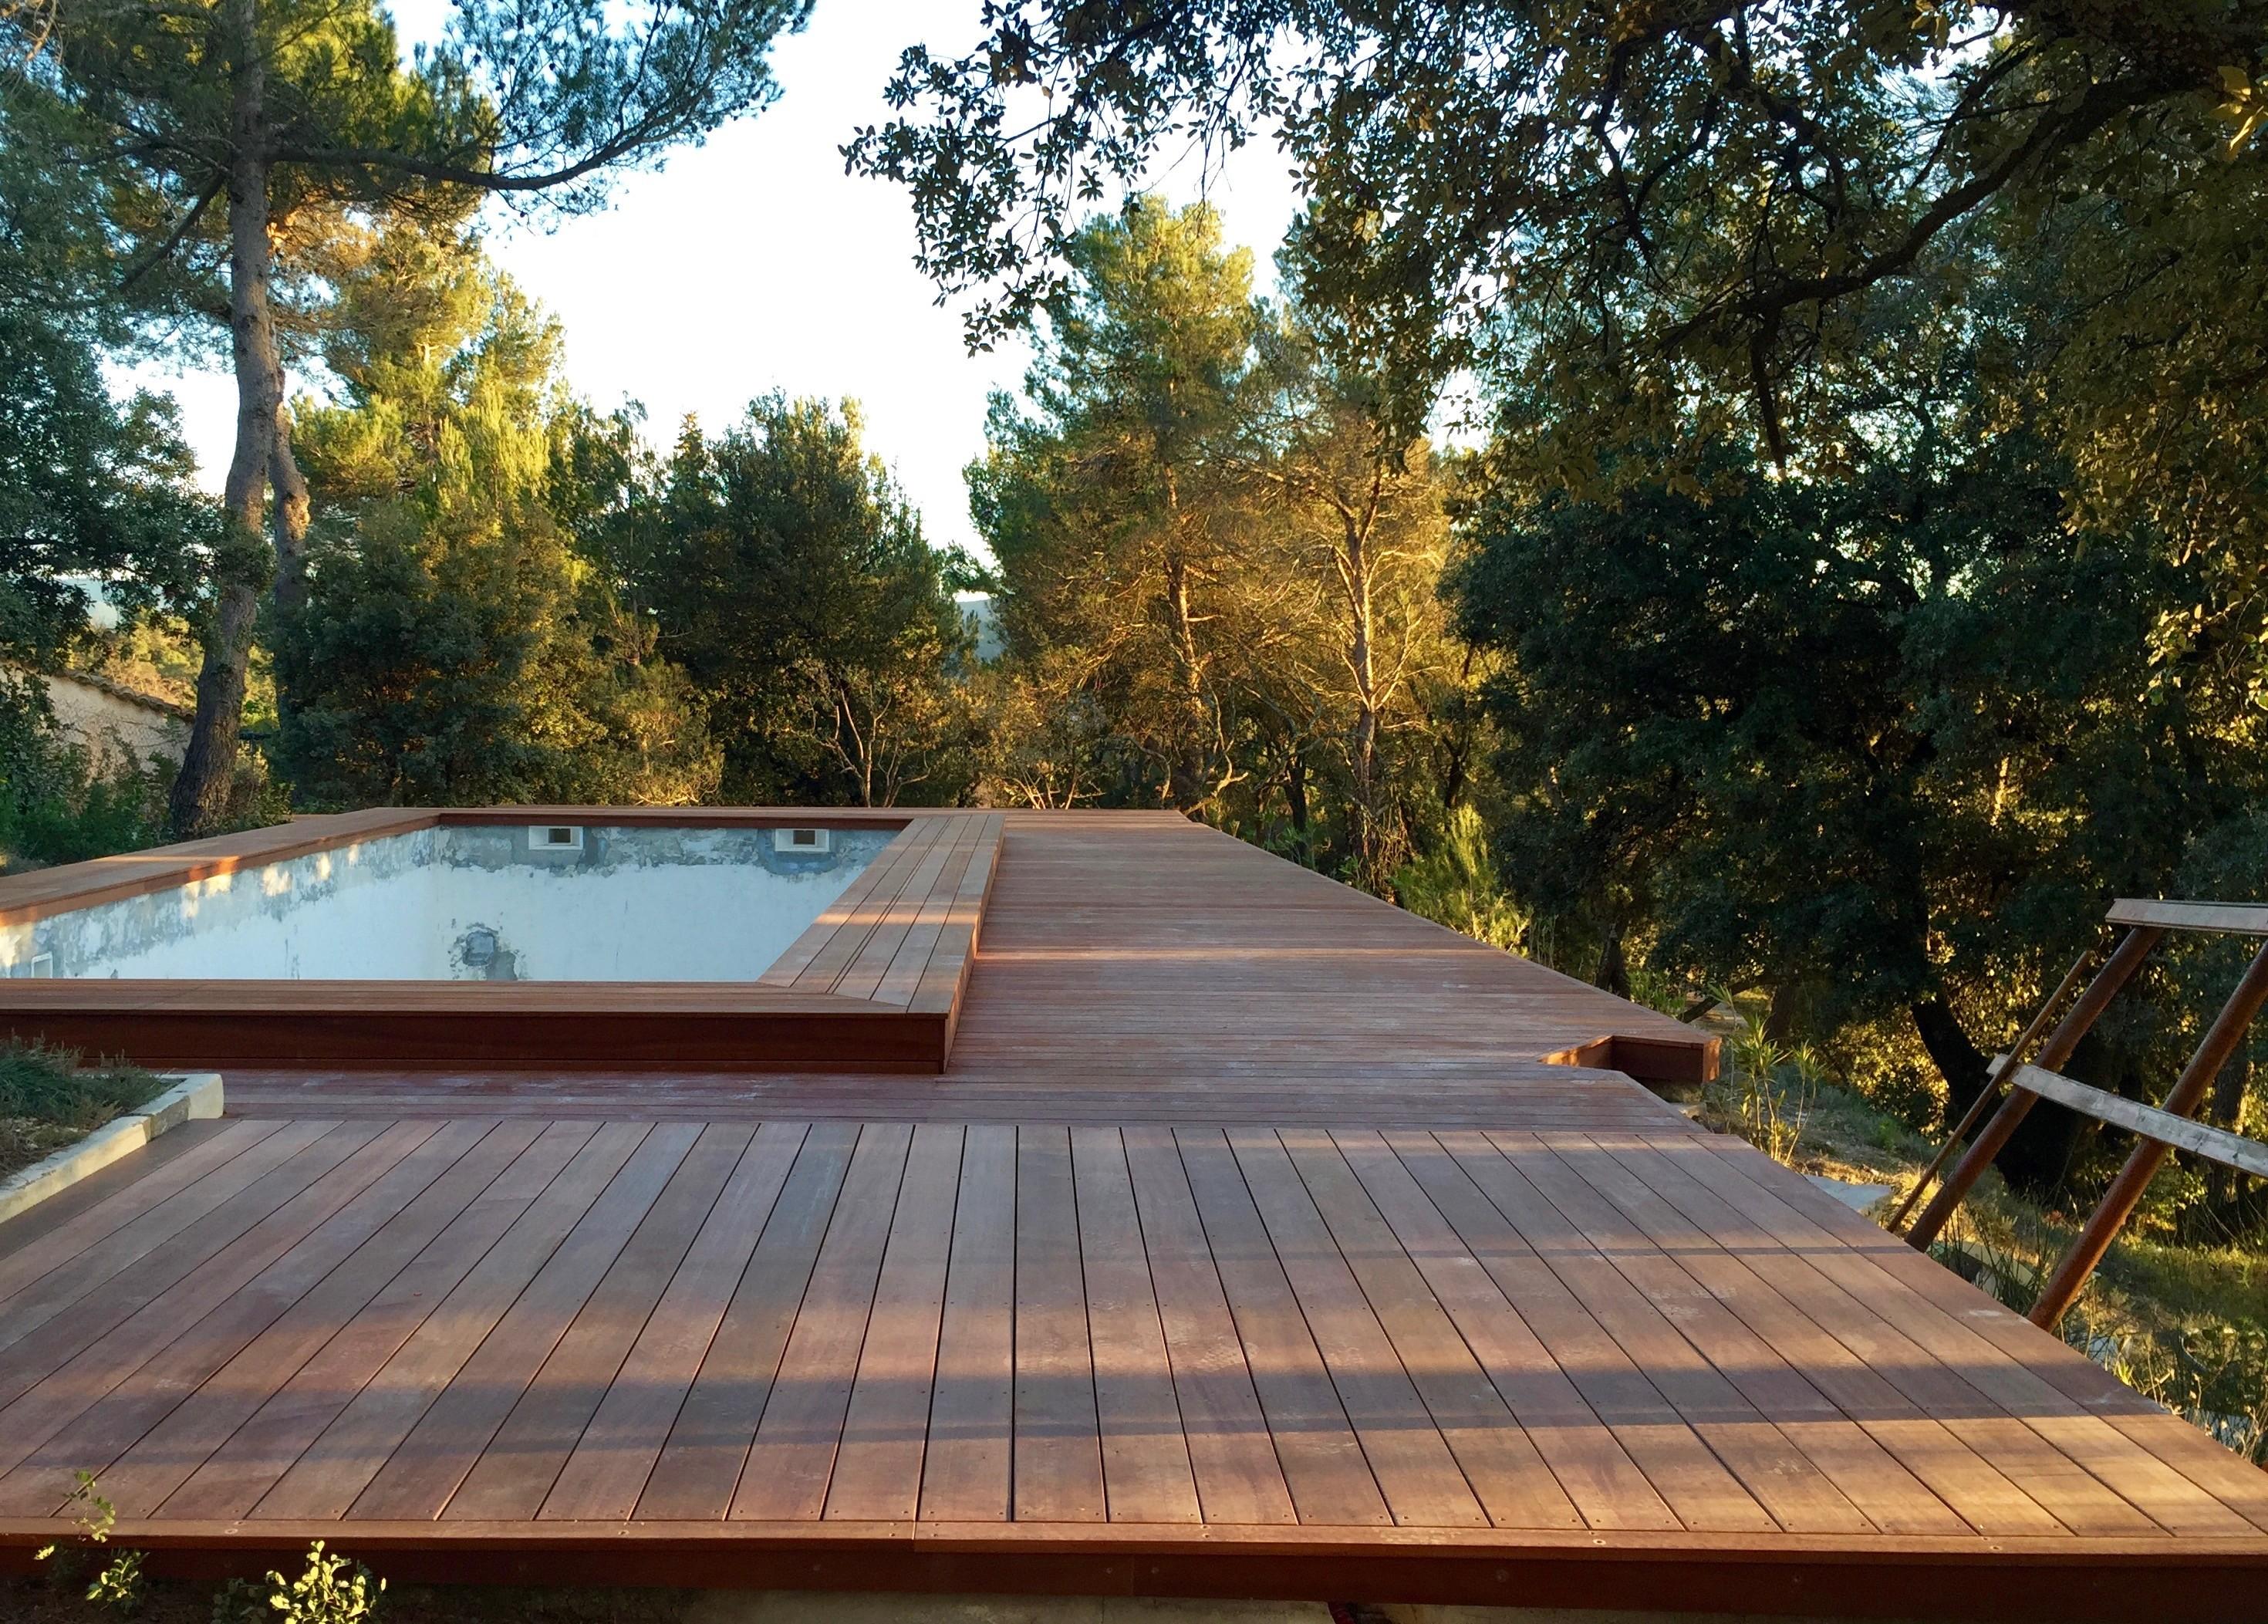 Plage piscine bois vaison la romaine am nagement de - Amenagement piscine bois aixen provence ...